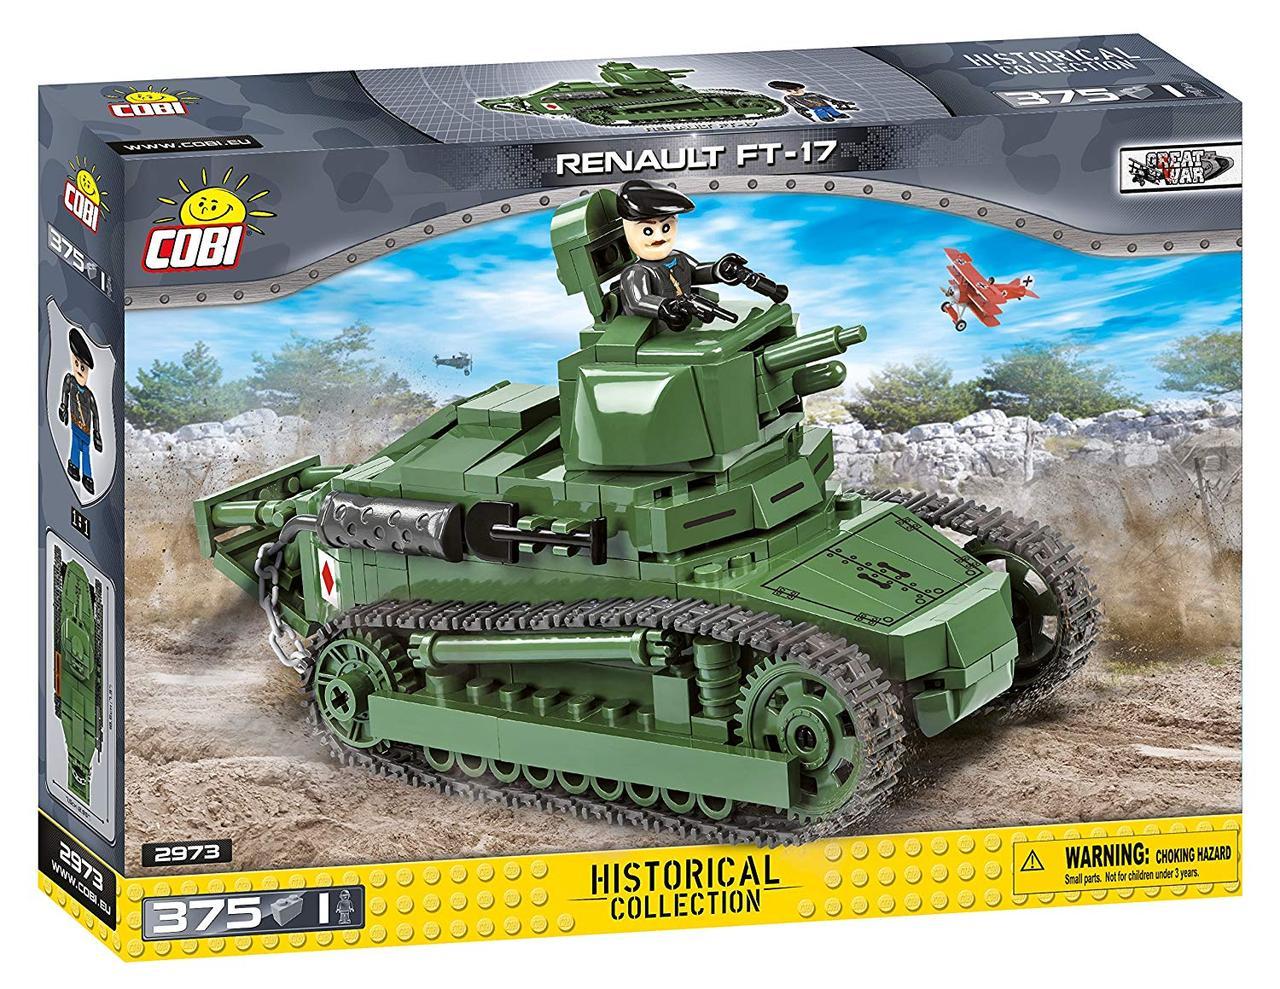 Конструктор Танк Рено ФТ-17 COBI серия Great war (COBI-2973)